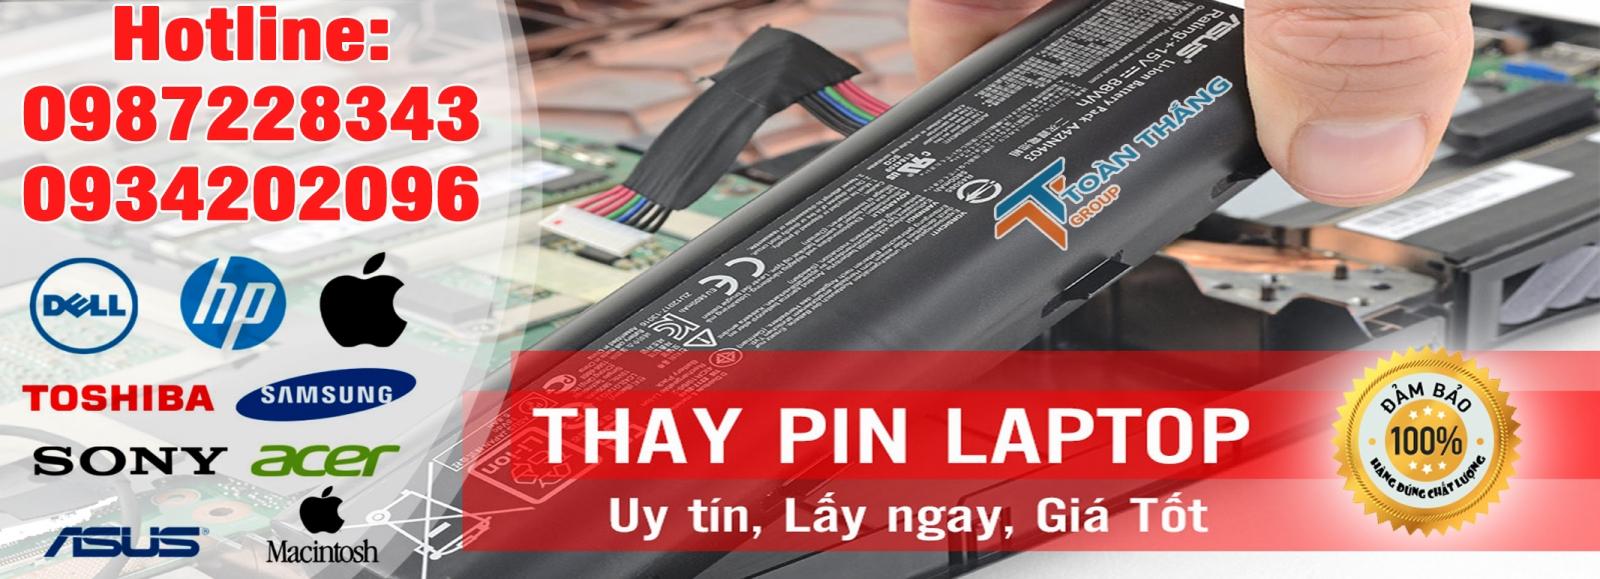 Công Ty Dịch Vụ Thay Pin Laptop Tận Nơi Quận 5 Uy Tín Chính Hãng